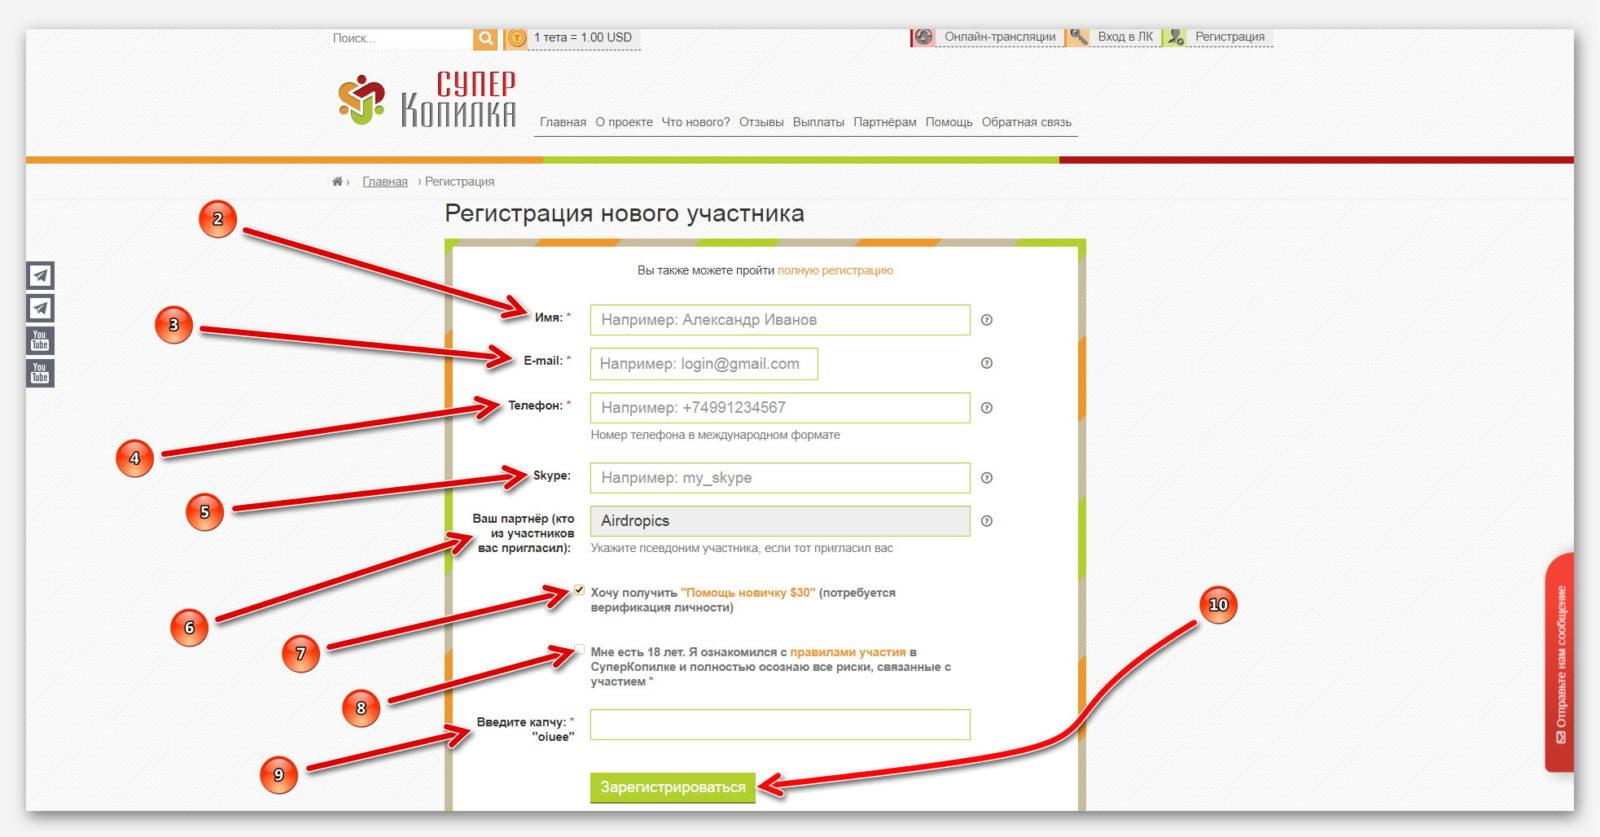 Прохождение регистрации, в проекте СуперКопилка